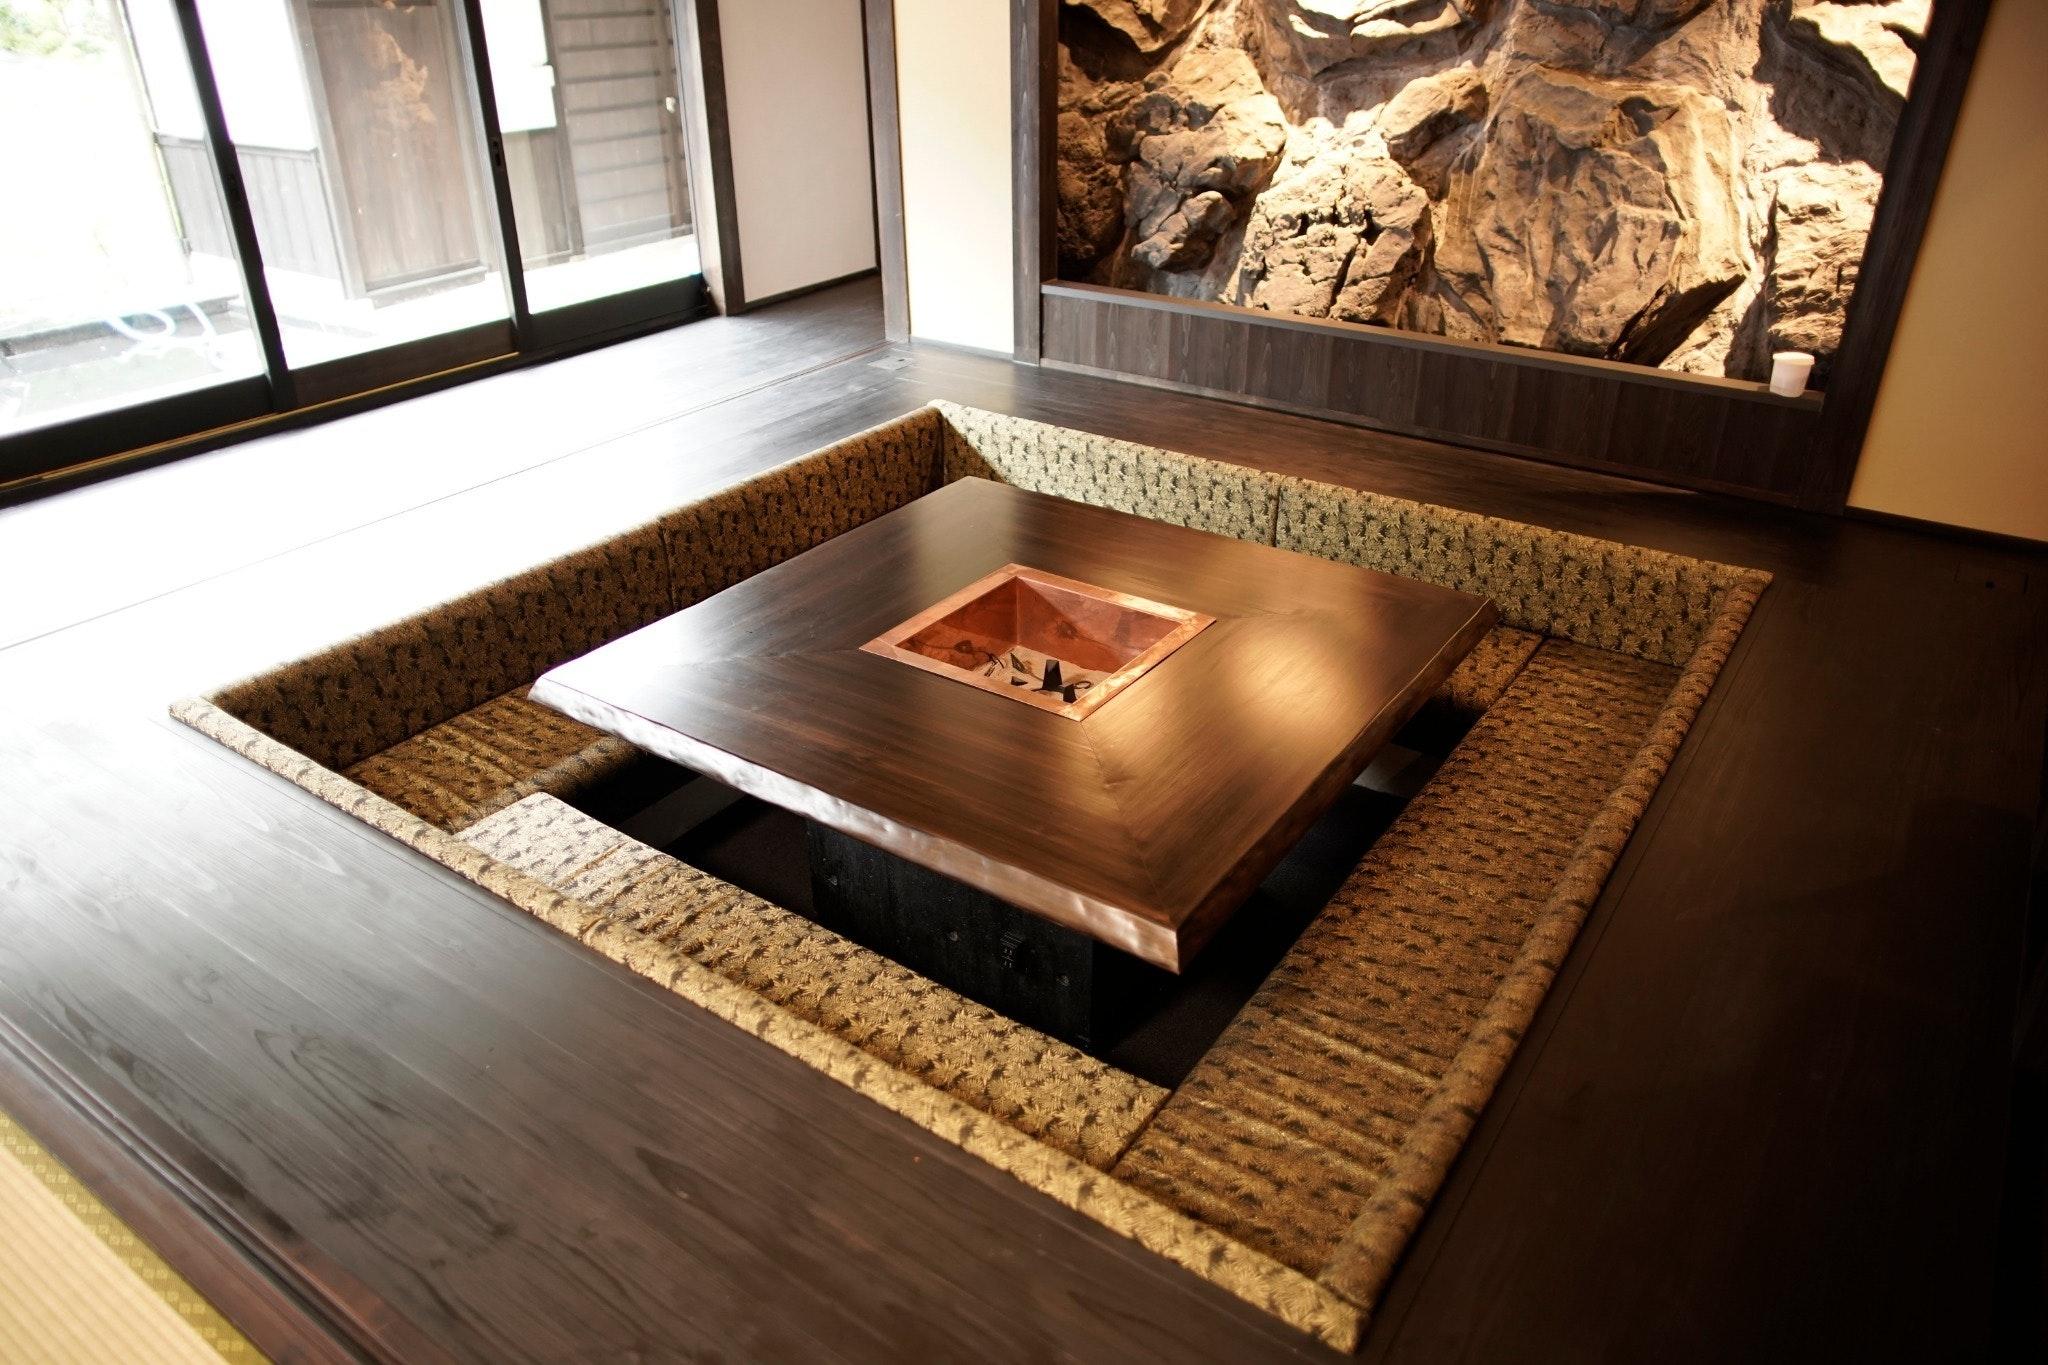 【朝夕食付き】1日1組限定で完全プライベートな空間で、江戸時代の武家屋敷かのような施設